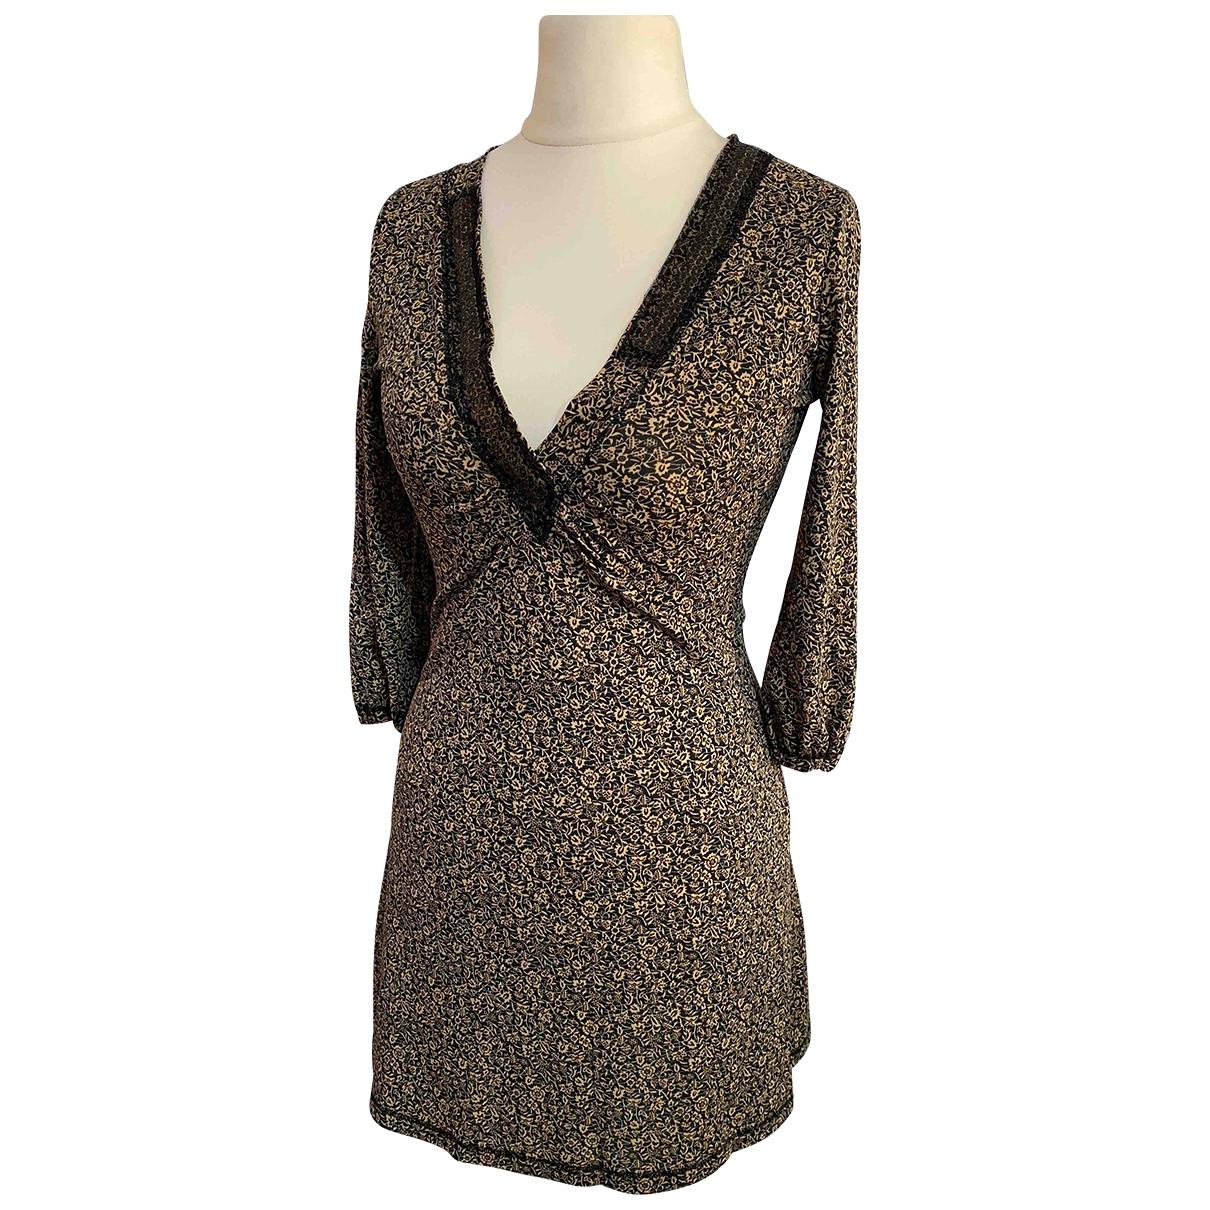 Liu.jo \N Beige Cotton dress for Women 40 IT